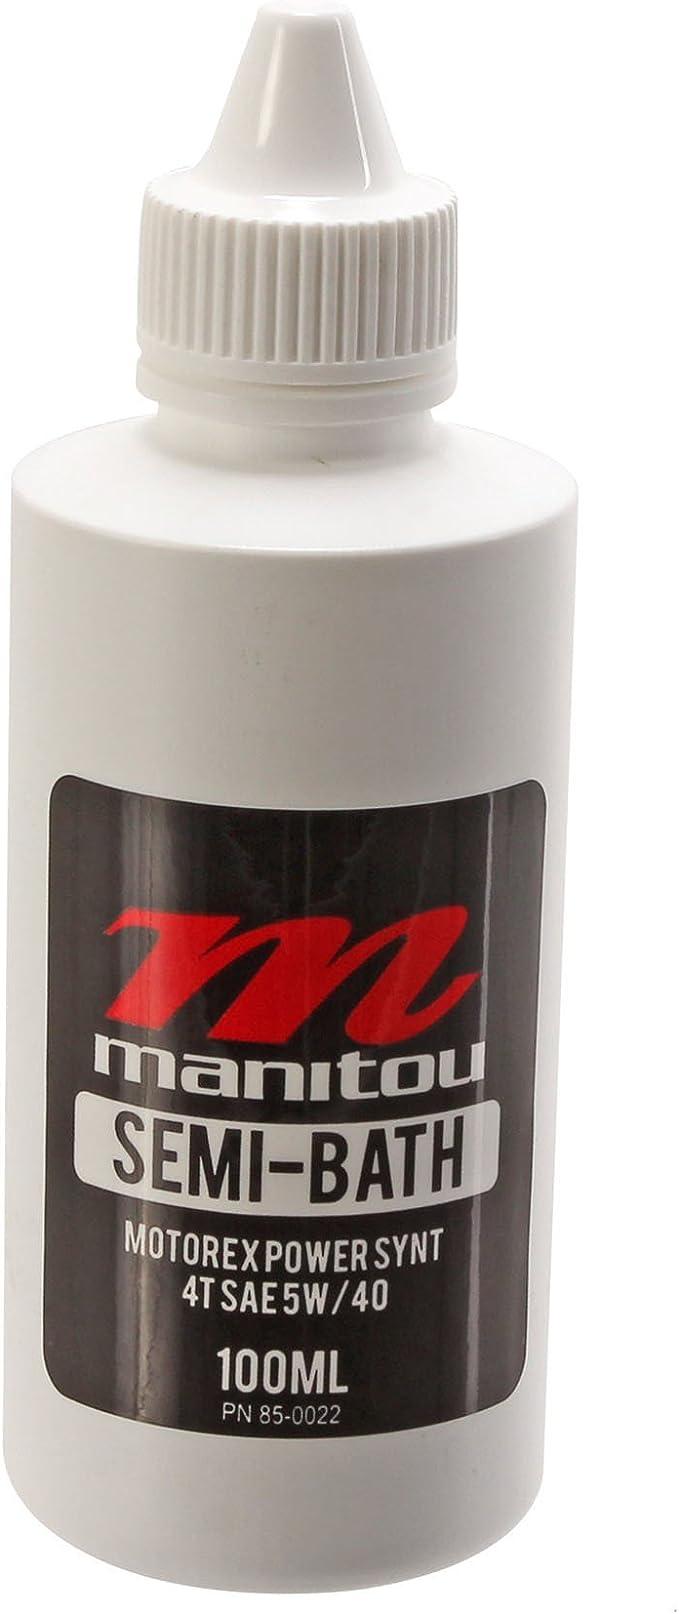 Manitou 5Wt Aceite de Horquilla 3.5oz Semi Bath Oil (Motorex): Amazon.es: Coche y moto